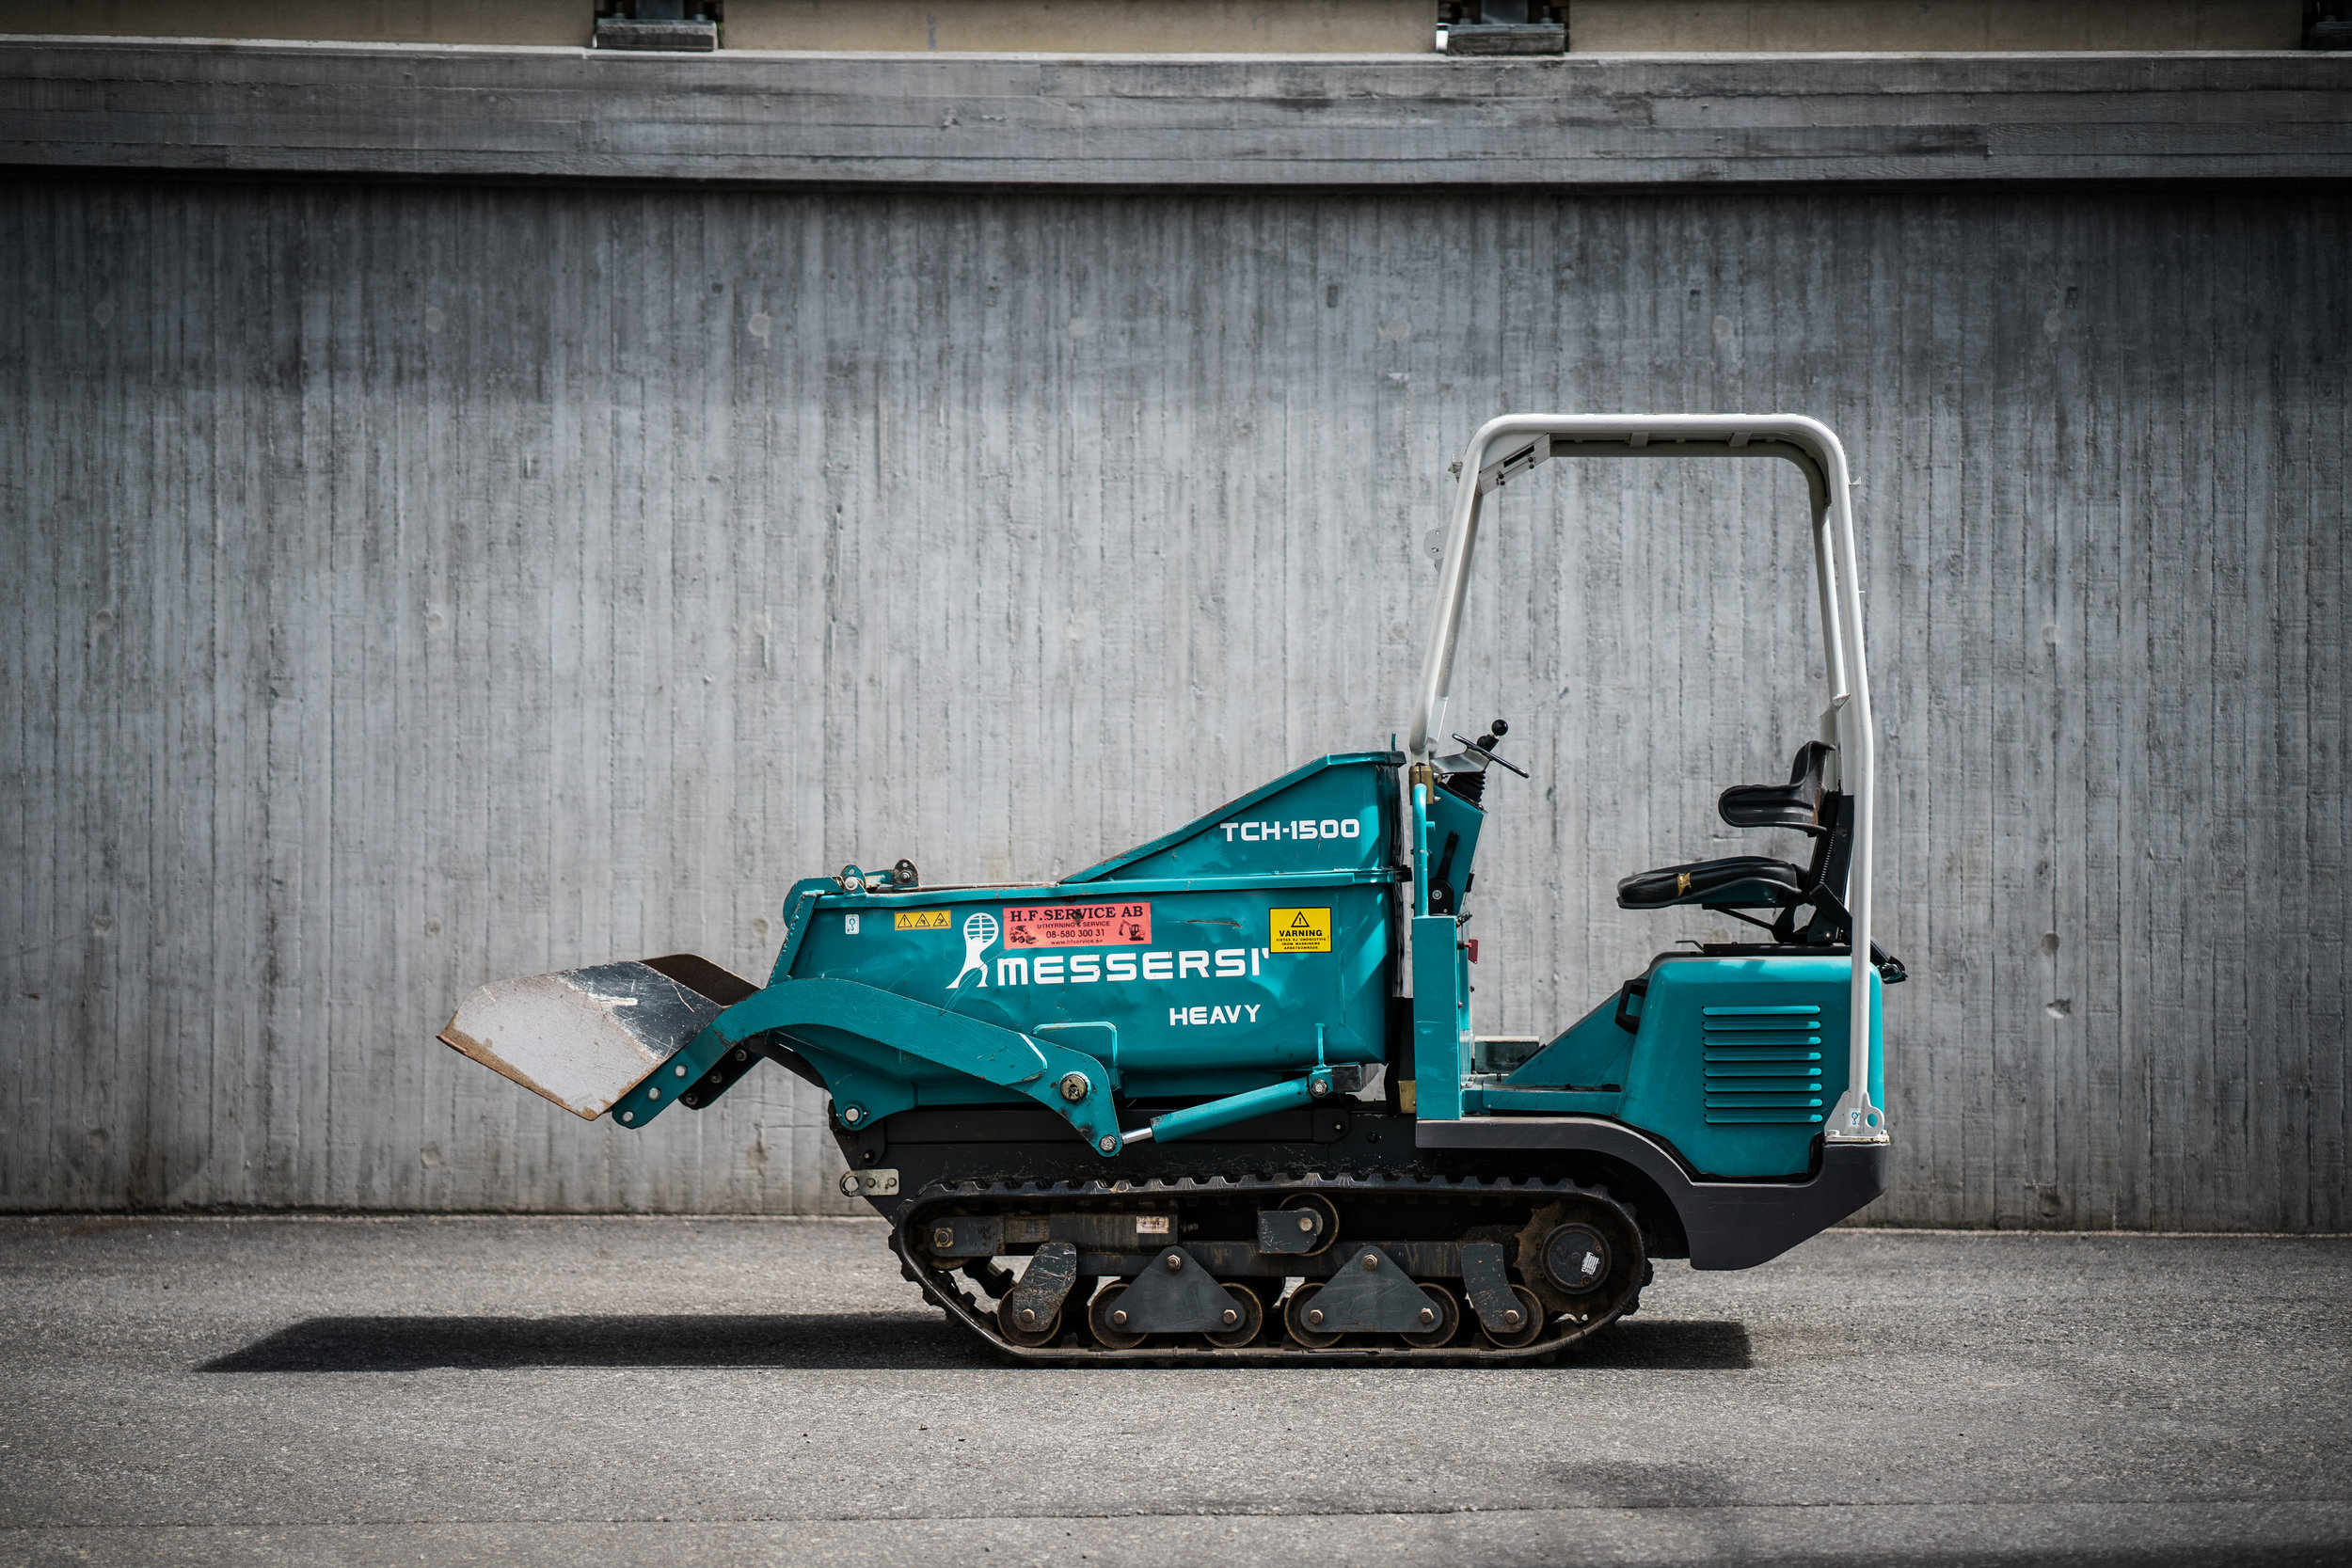 Messersi TCH 1500 Självlastande (Diesel) - Maskindata Bredd: 115 cm                                                                            Tomvikt: 1200 Kg                                                                                       Höjd: Reglerbart                                                                      Lastkapacitet: ca 1500 Kg